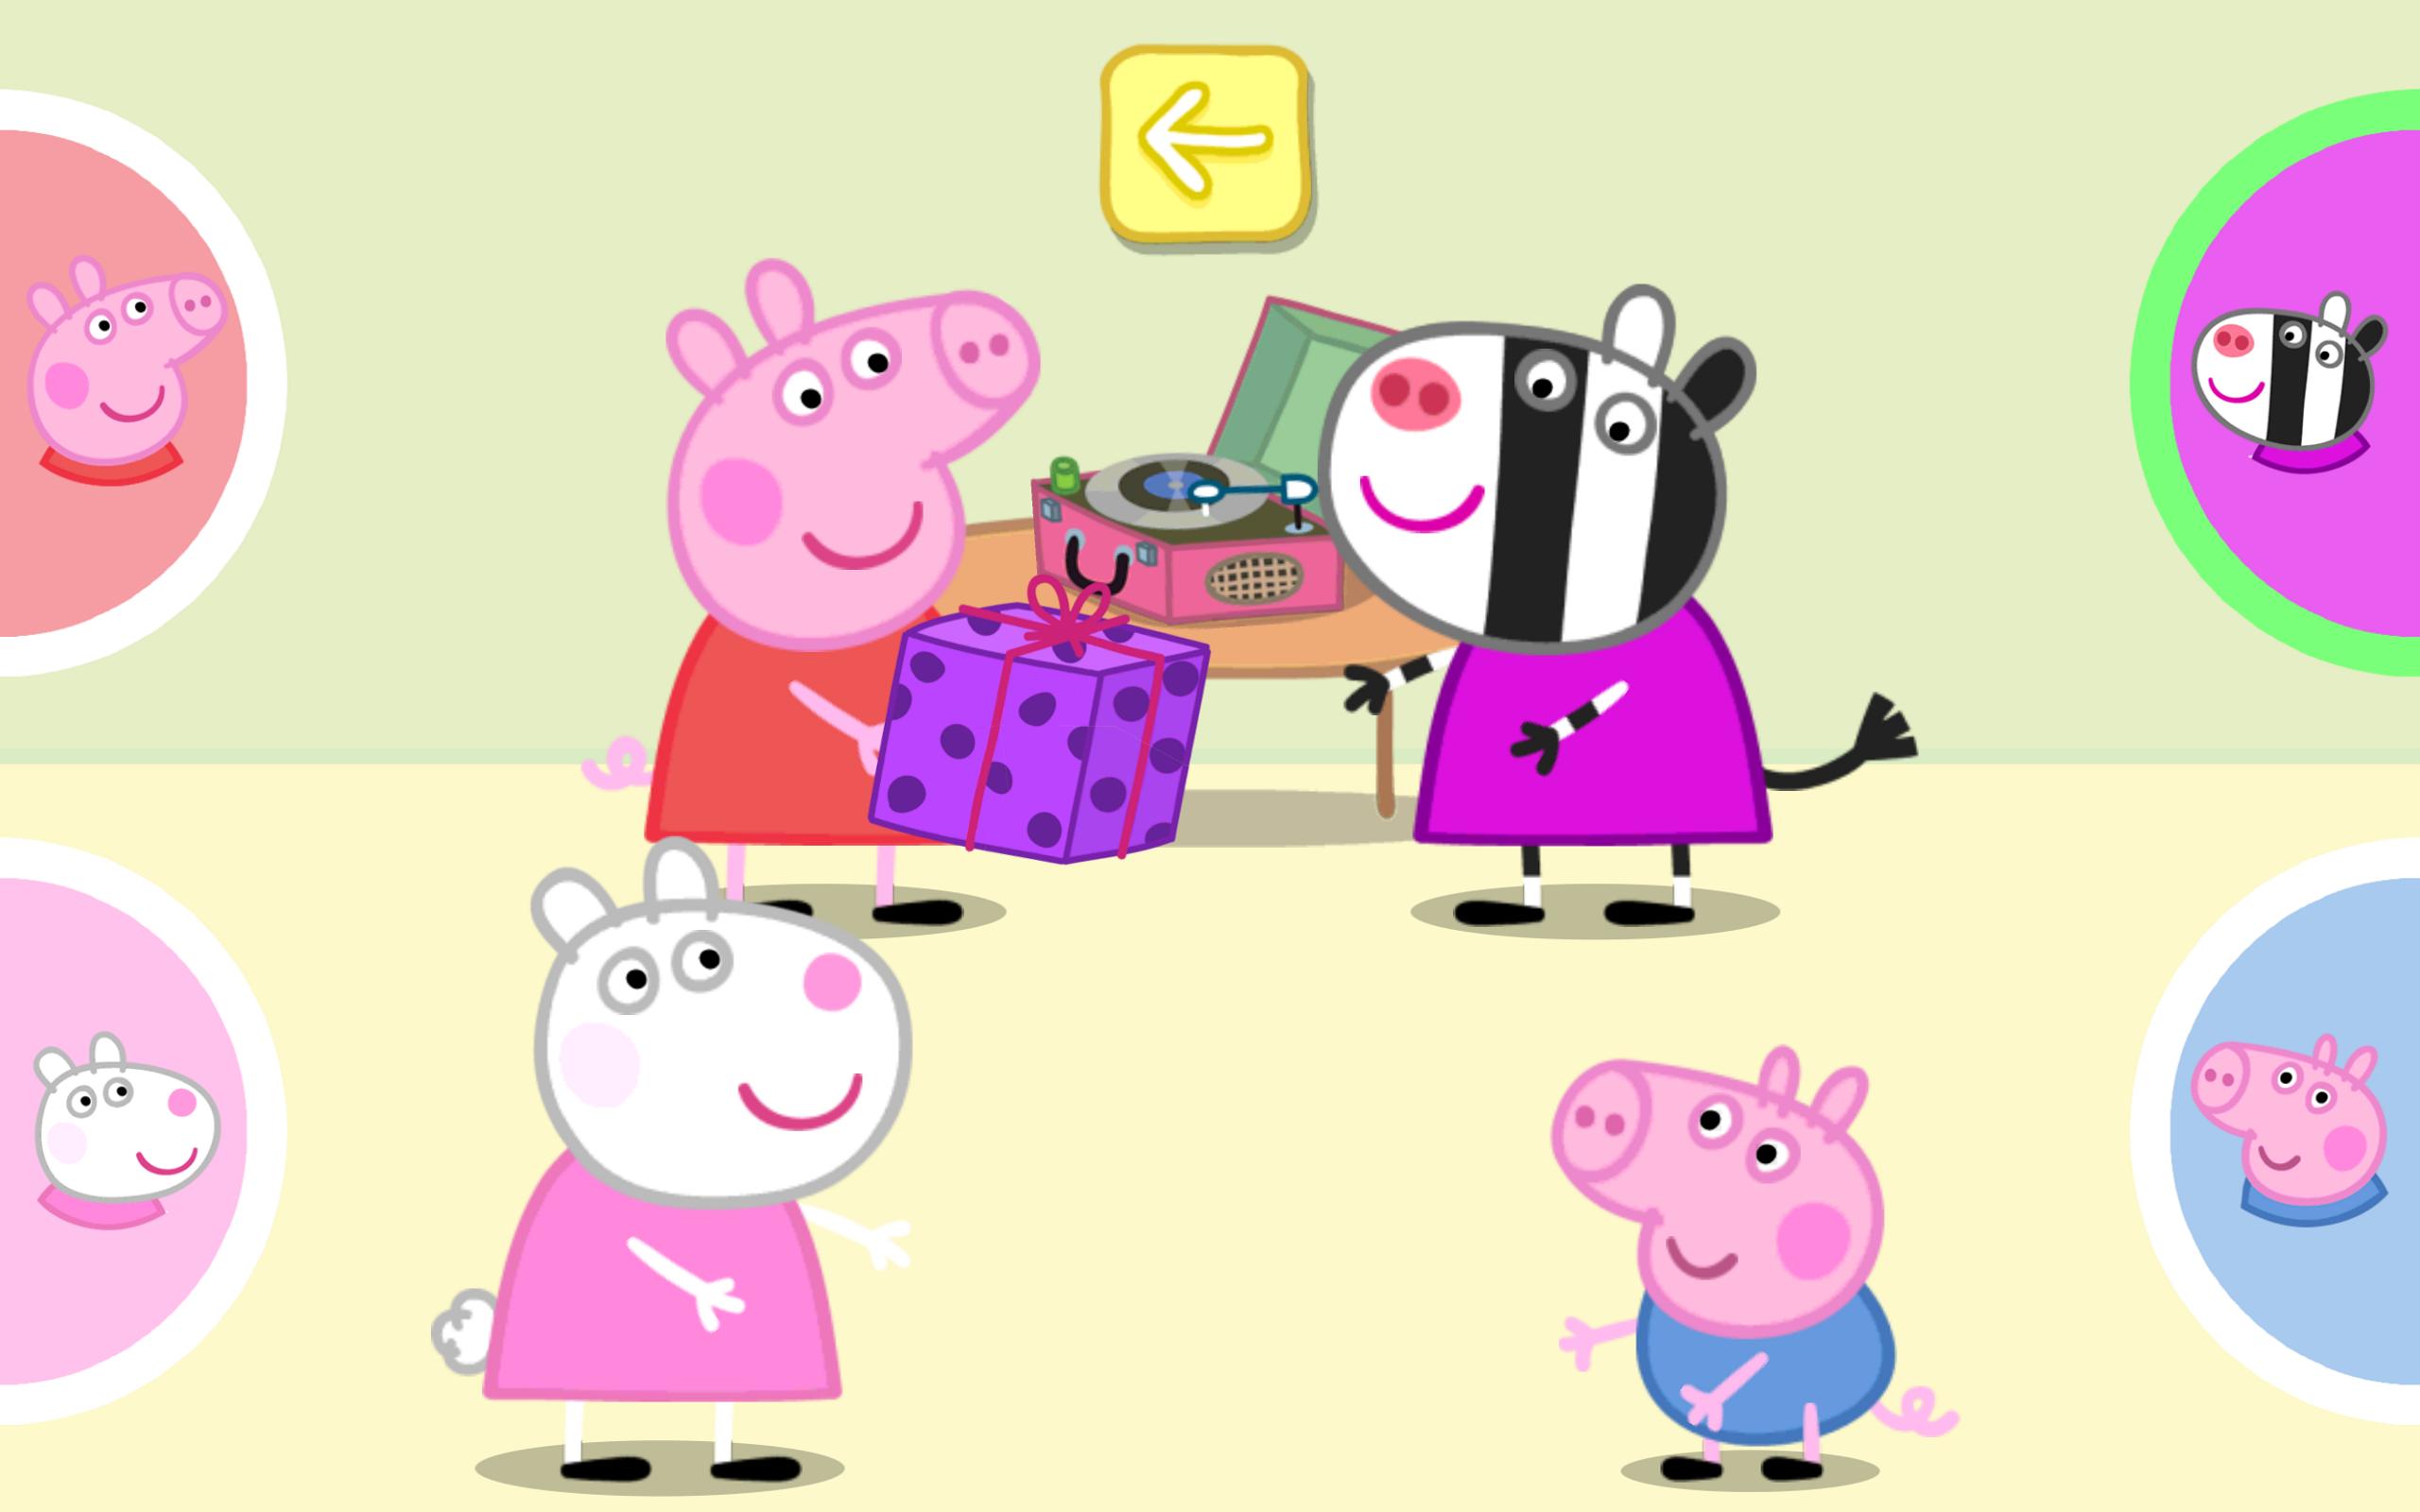 Peppa Pig La Fête De Peppa Amazonfr Appstore Pour Android